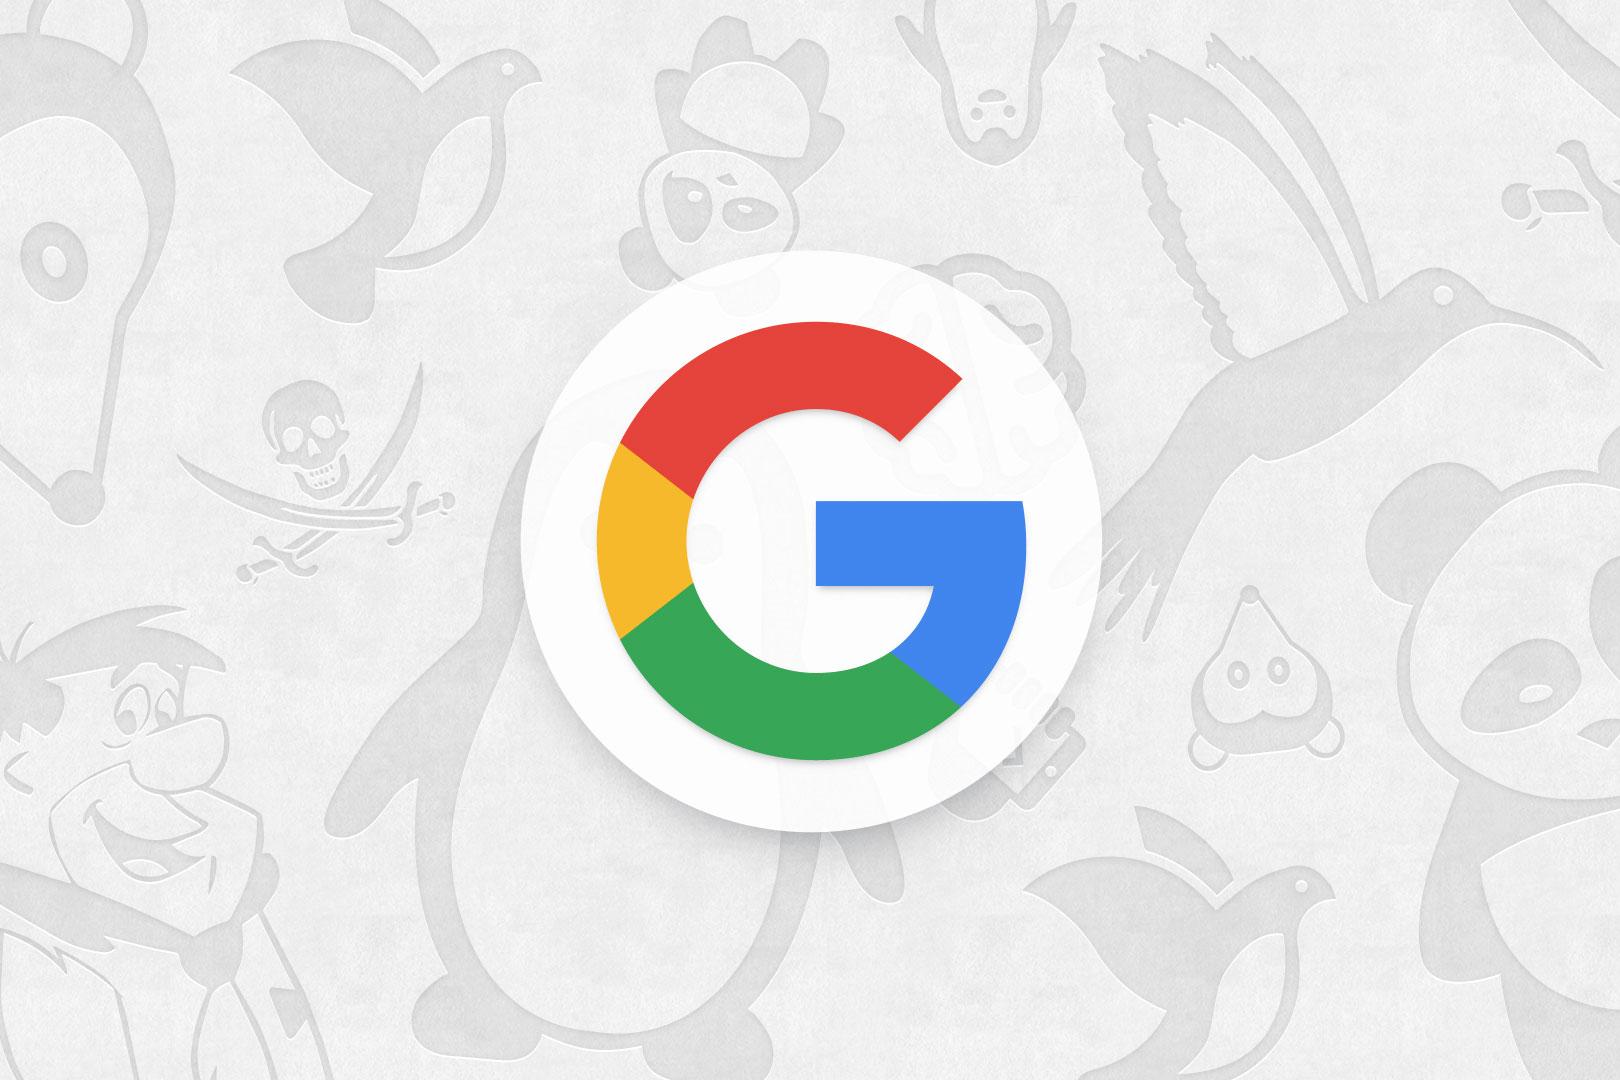 معرفی الگوریتم های موتور جستجوی گوگل